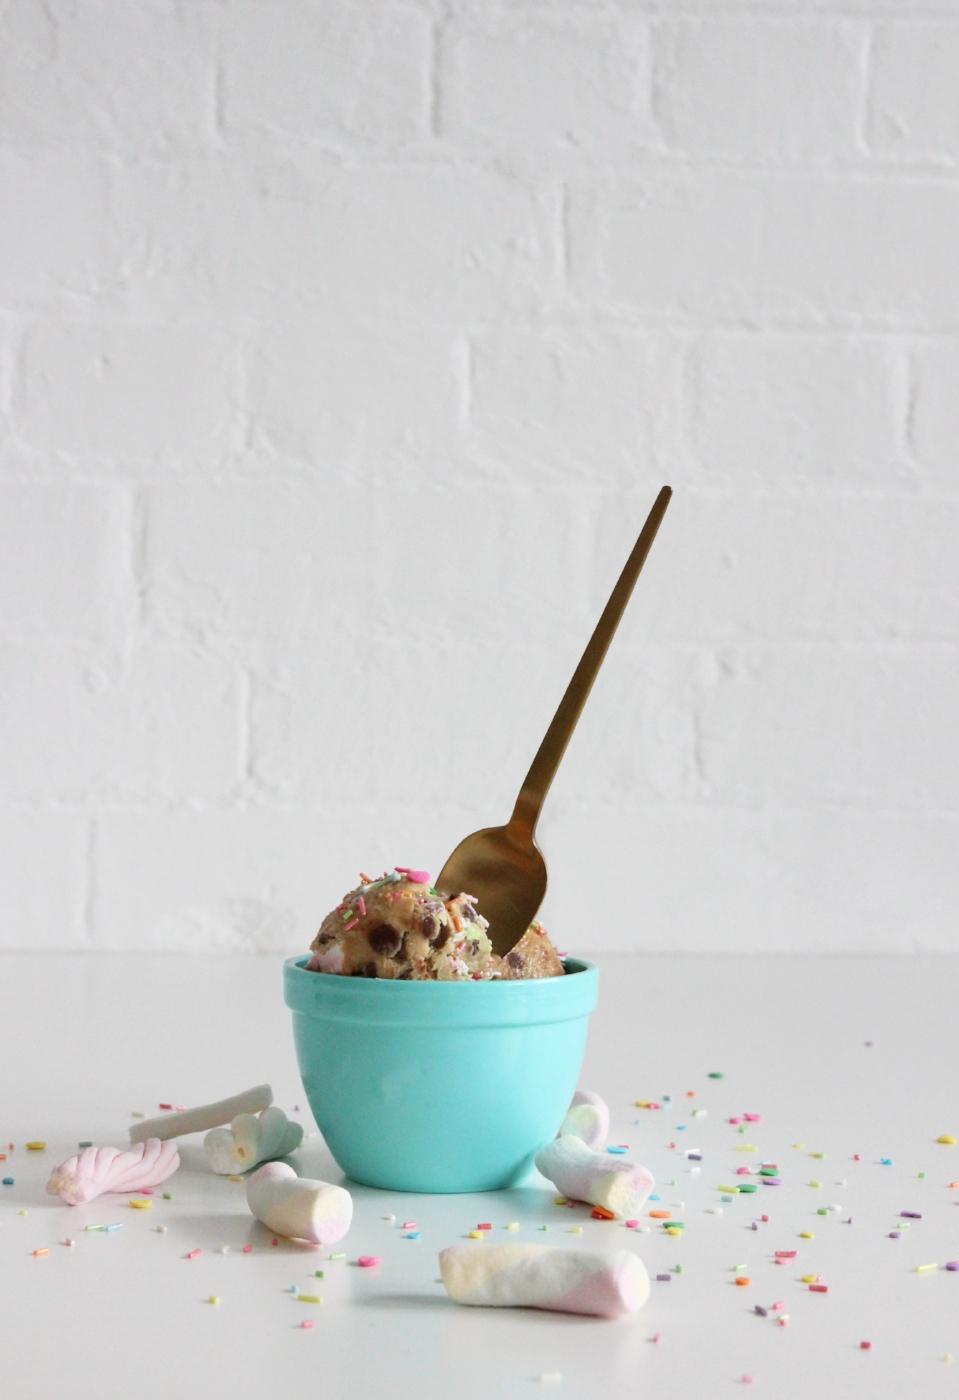 Cookie dough in bowl3.jpg